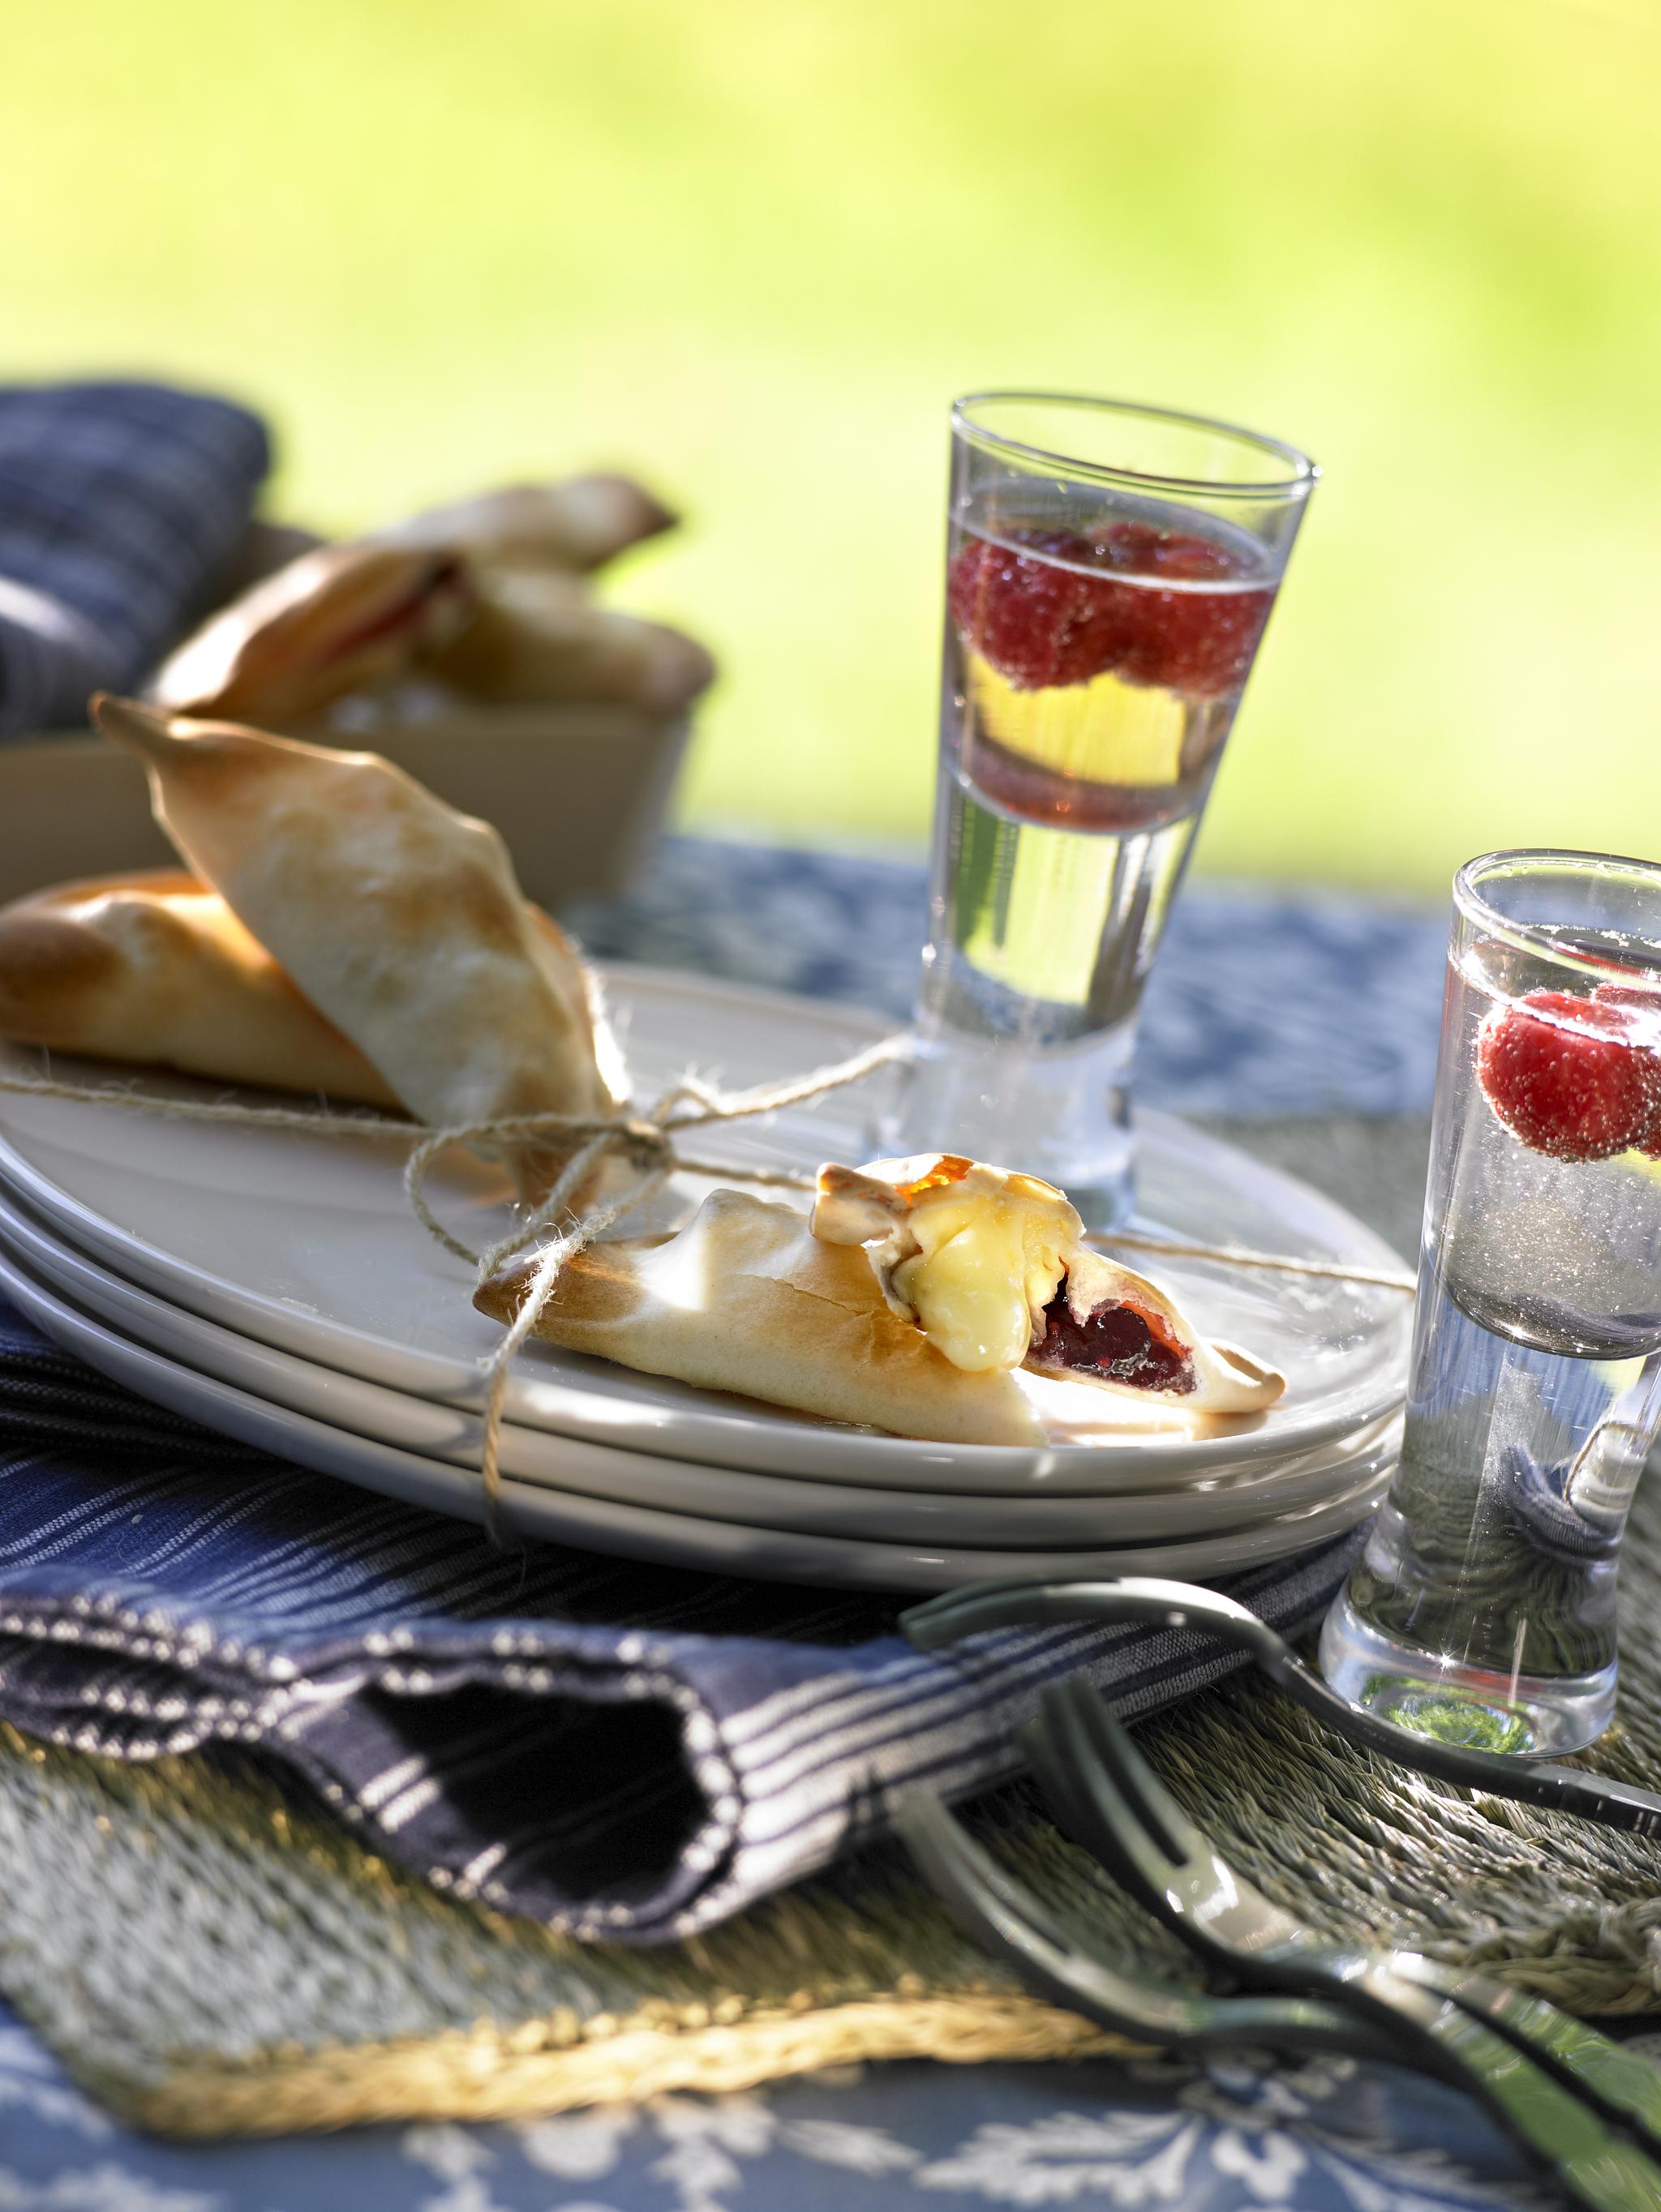 Empanadillas de queso brie y mermelada de frambuesa